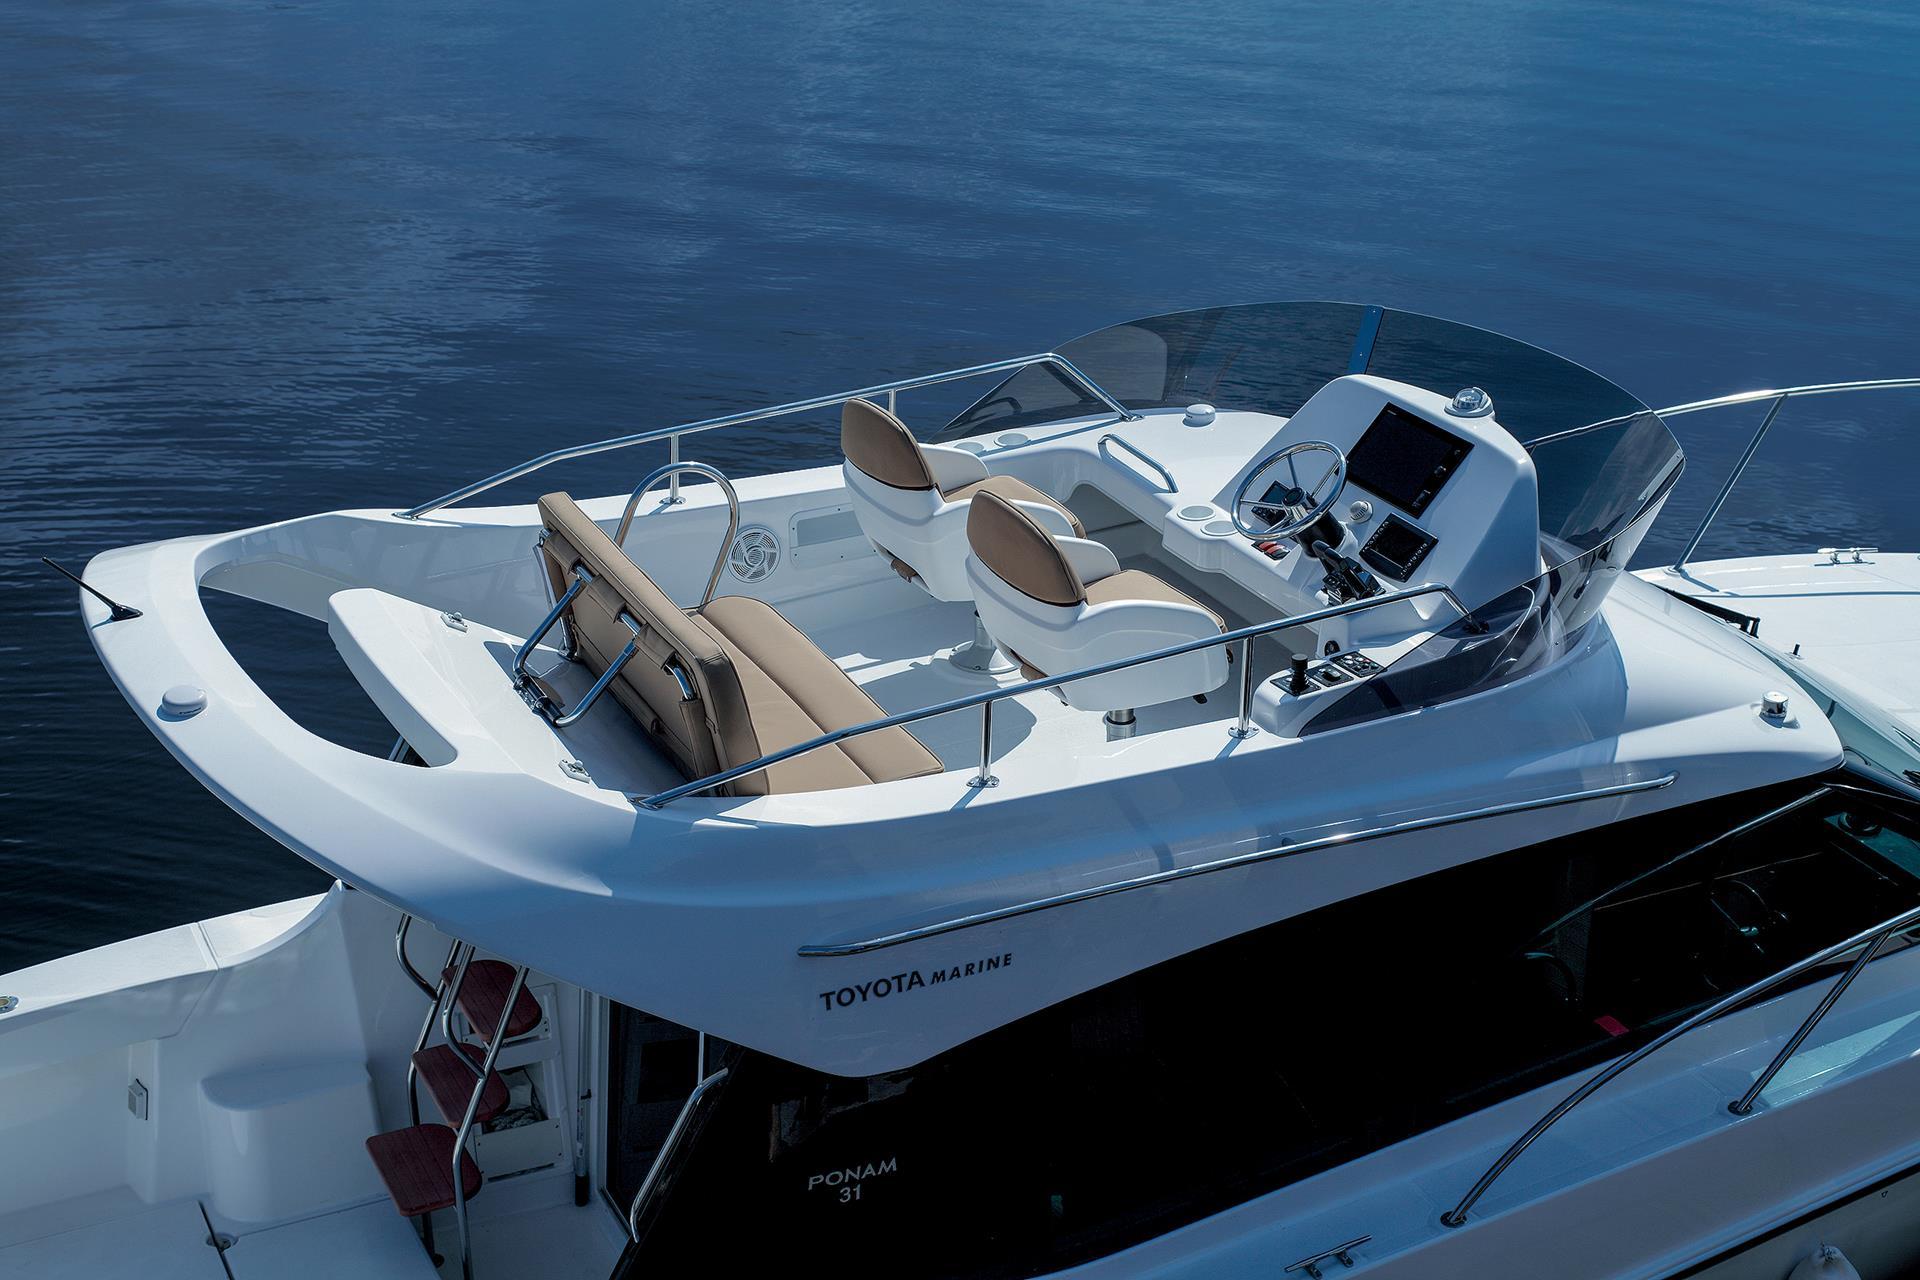 toyota lance un nouveau bateau de plaisance. Black Bedroom Furniture Sets. Home Design Ideas